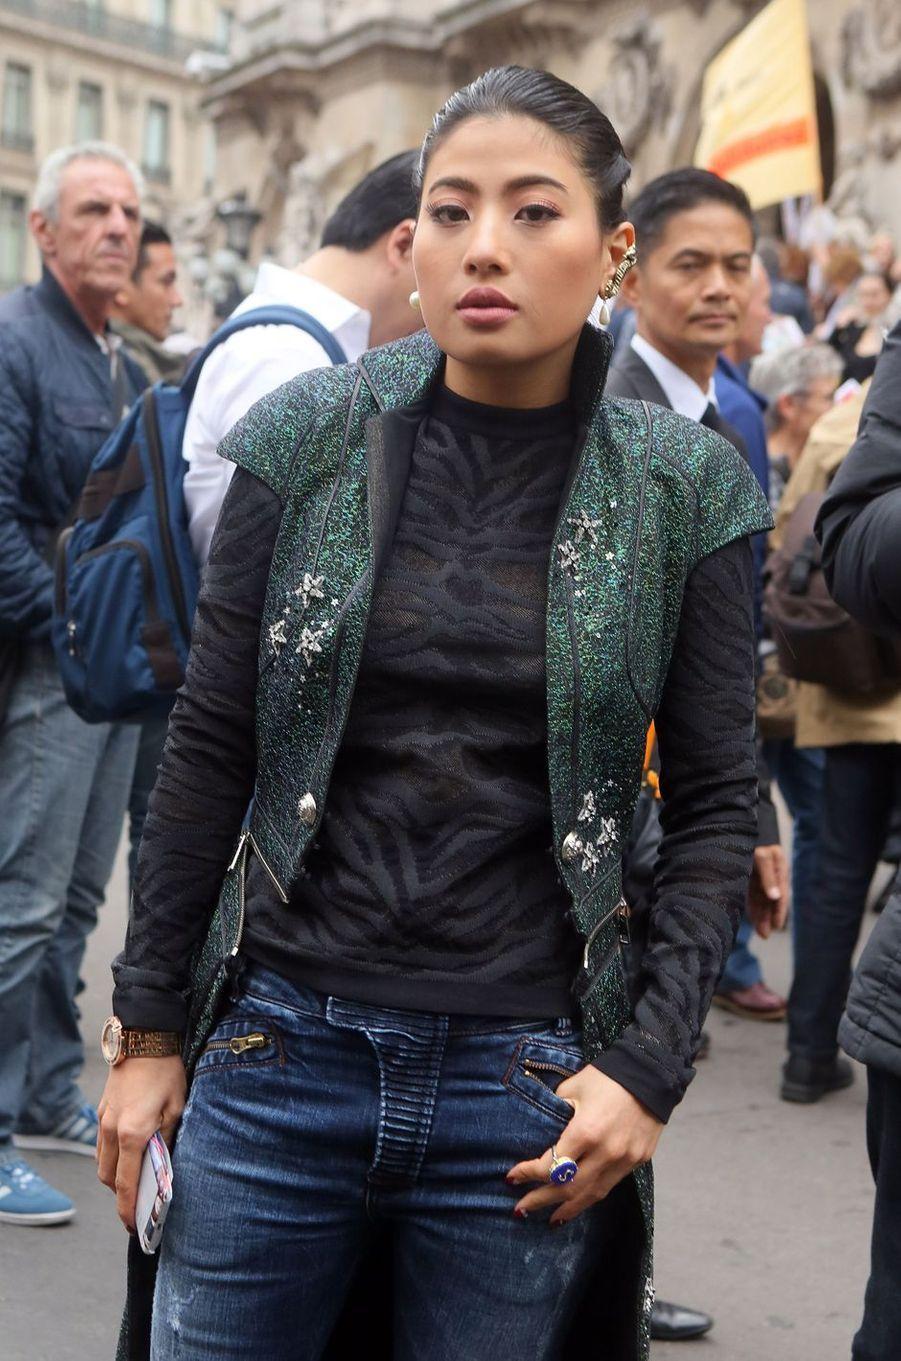 La princesse Sirivannavari Nariratana de Thaïlande au défilé Balmain, à Paris le 28 septembre 2017